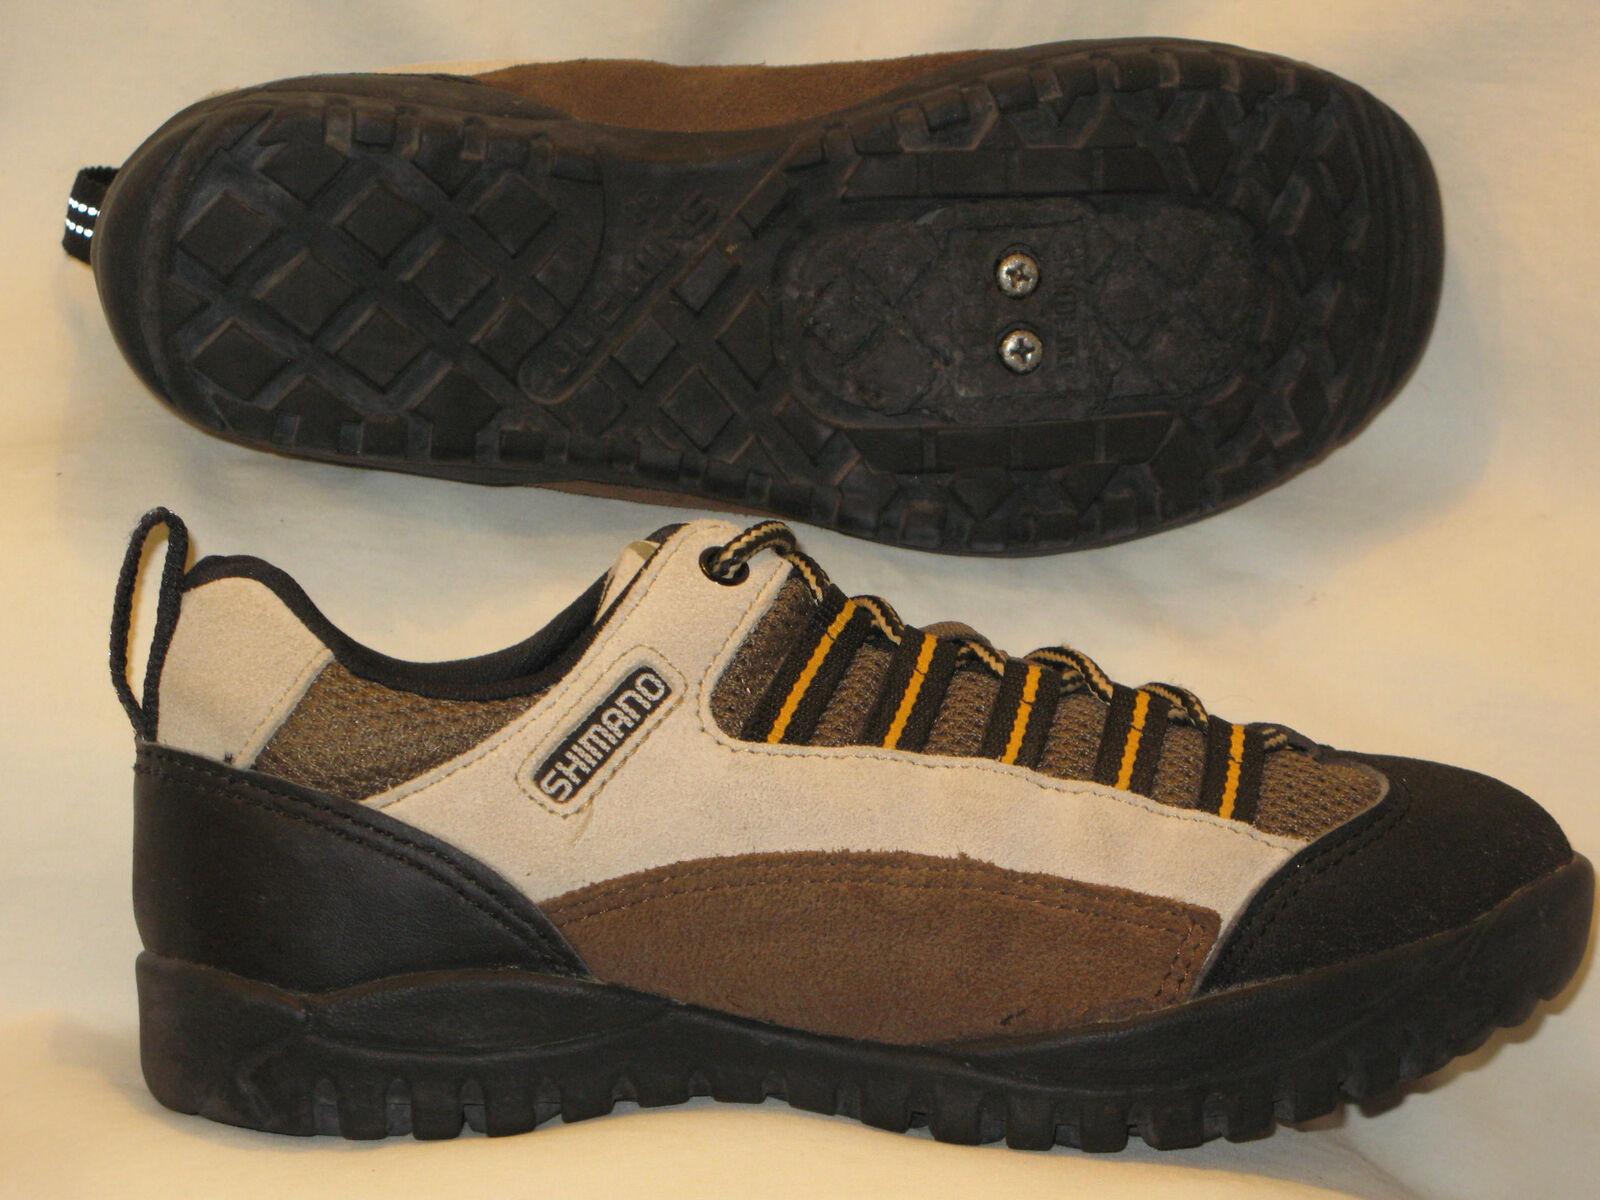 Shimano SH M033 Mountain Bike shoes USA Wmn 6.5